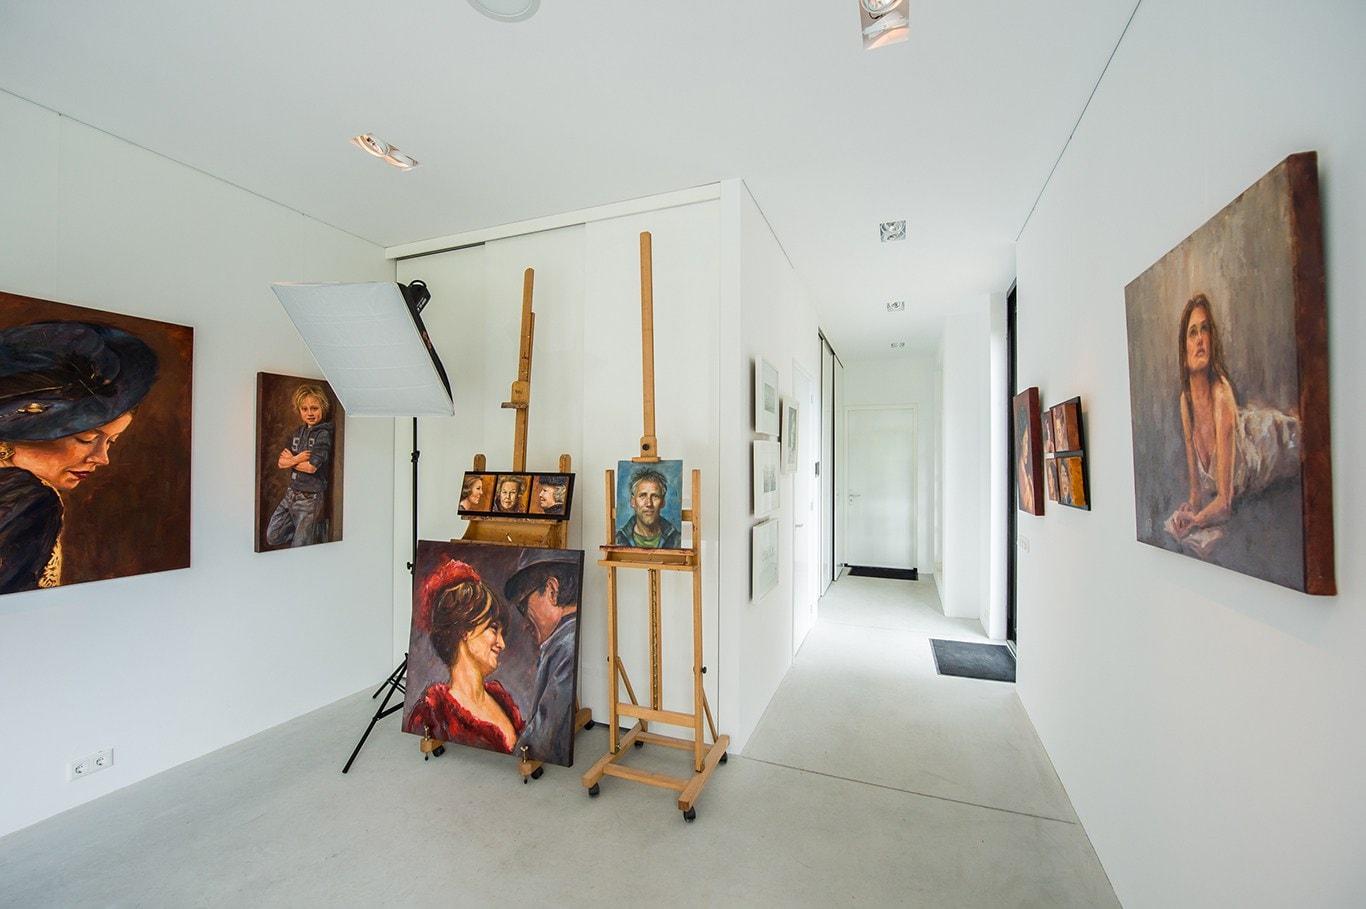 Atelier voor portretschilder in Breda. Het atelier heeft aan voorzijde een grote plafondhole opbergruimte voor alle schilderijen met daarachter een wc en berging. In de toekomst is dit onderdeel al voorbereid op plaatsing van een badkamer met slaapkamer in atelier.